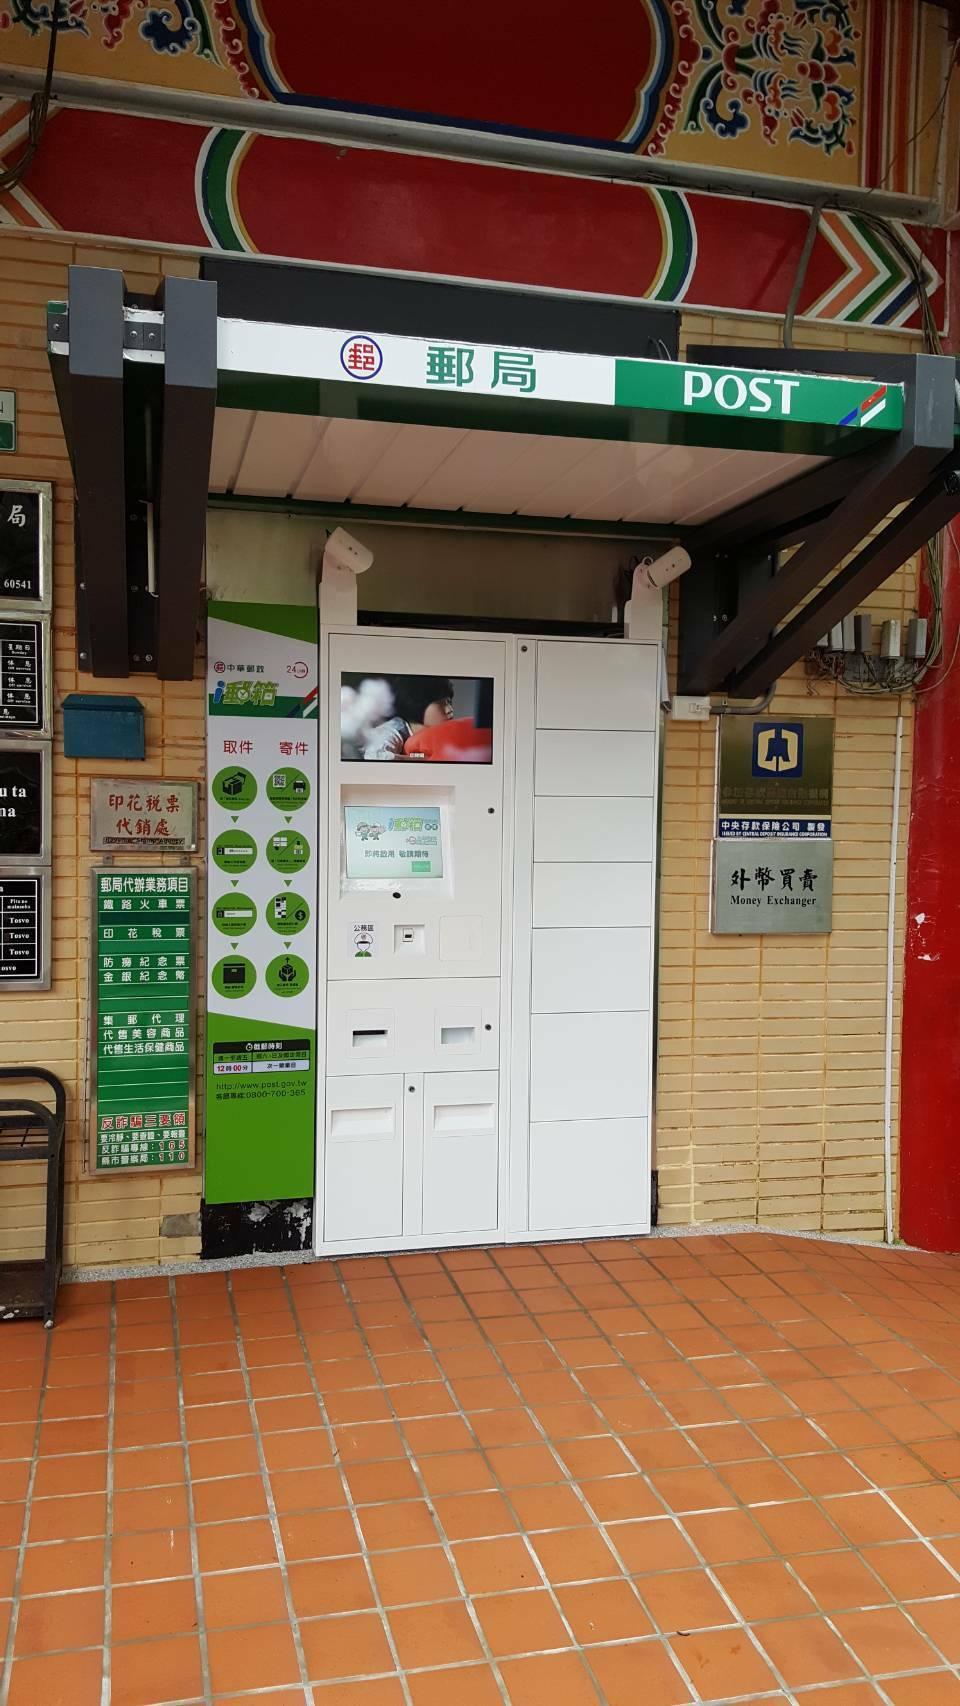 中華郵政將在阿里山郵局啟用i郵箱。圖/嘉義郵局提供